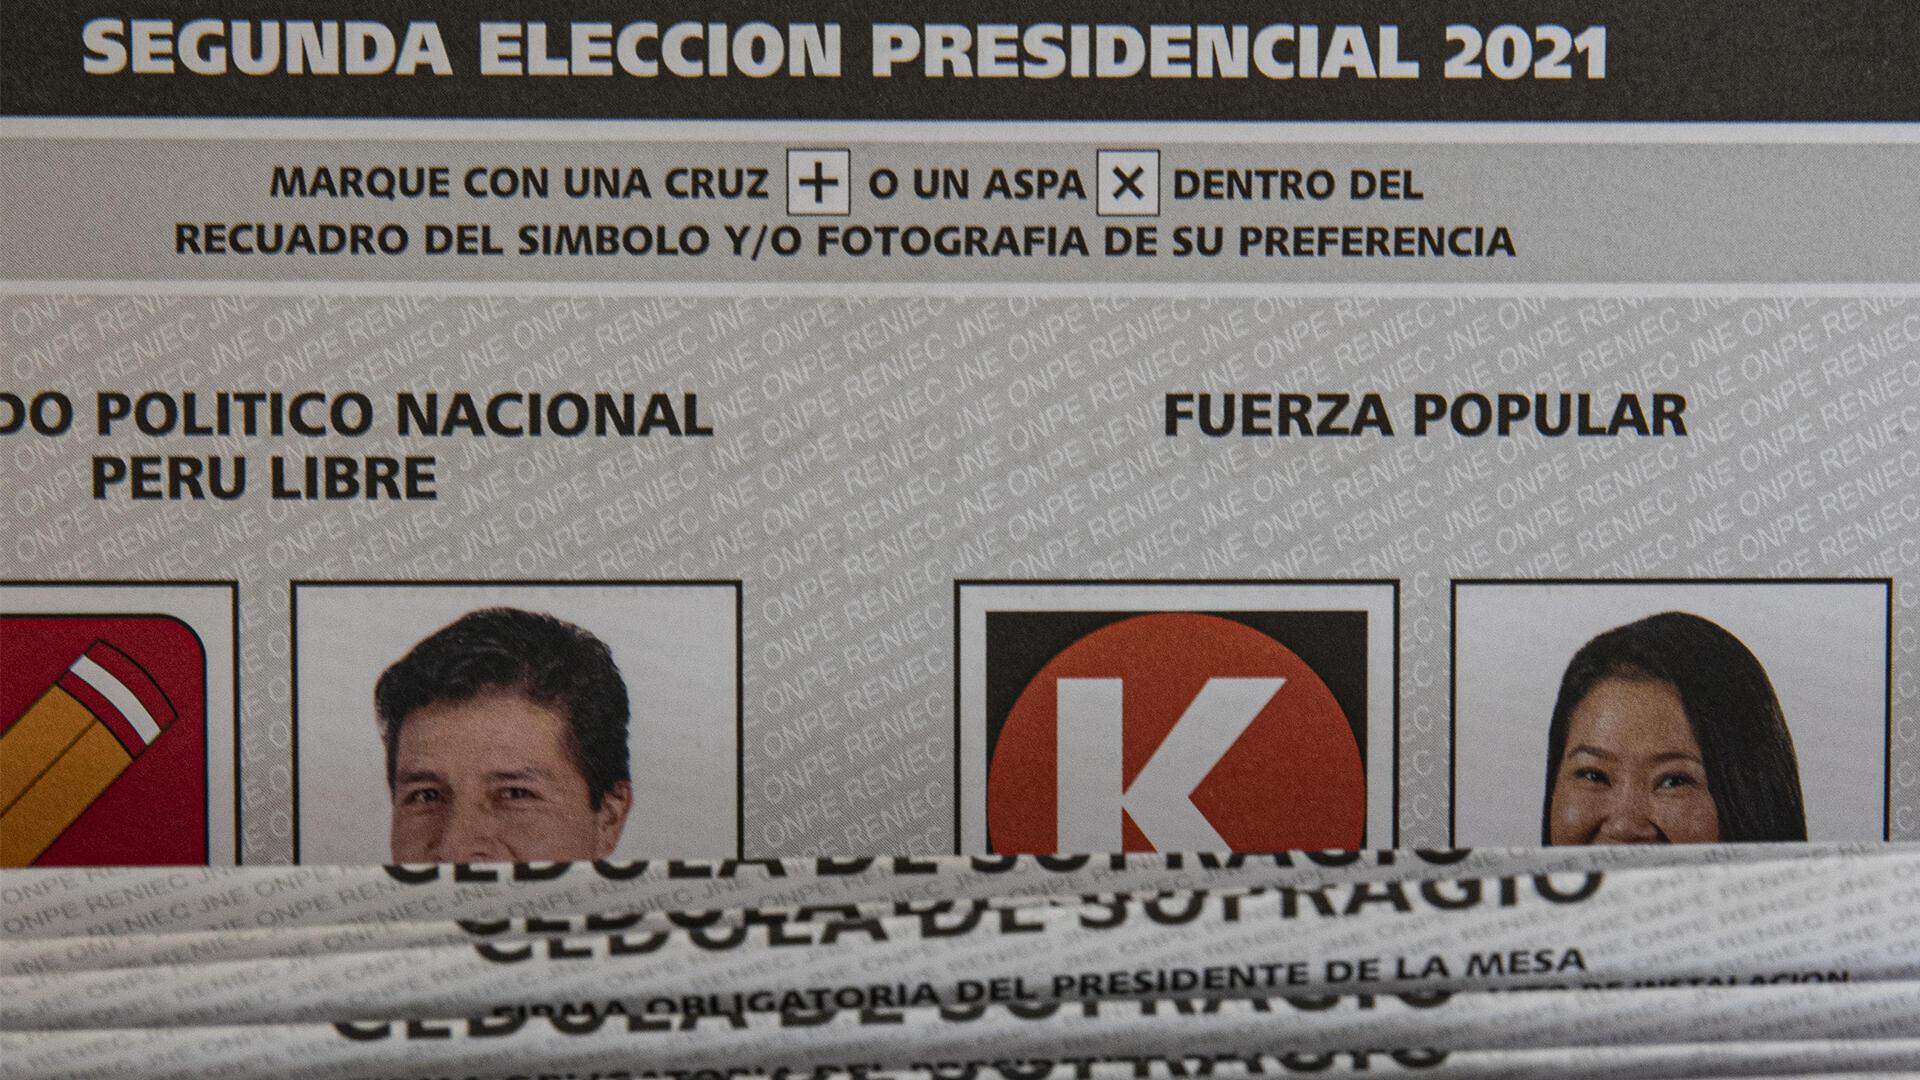 Image RFI Archive : Au Pérou, le résultat final de l'élection présidentielle 2021 n'est pas encore connu.